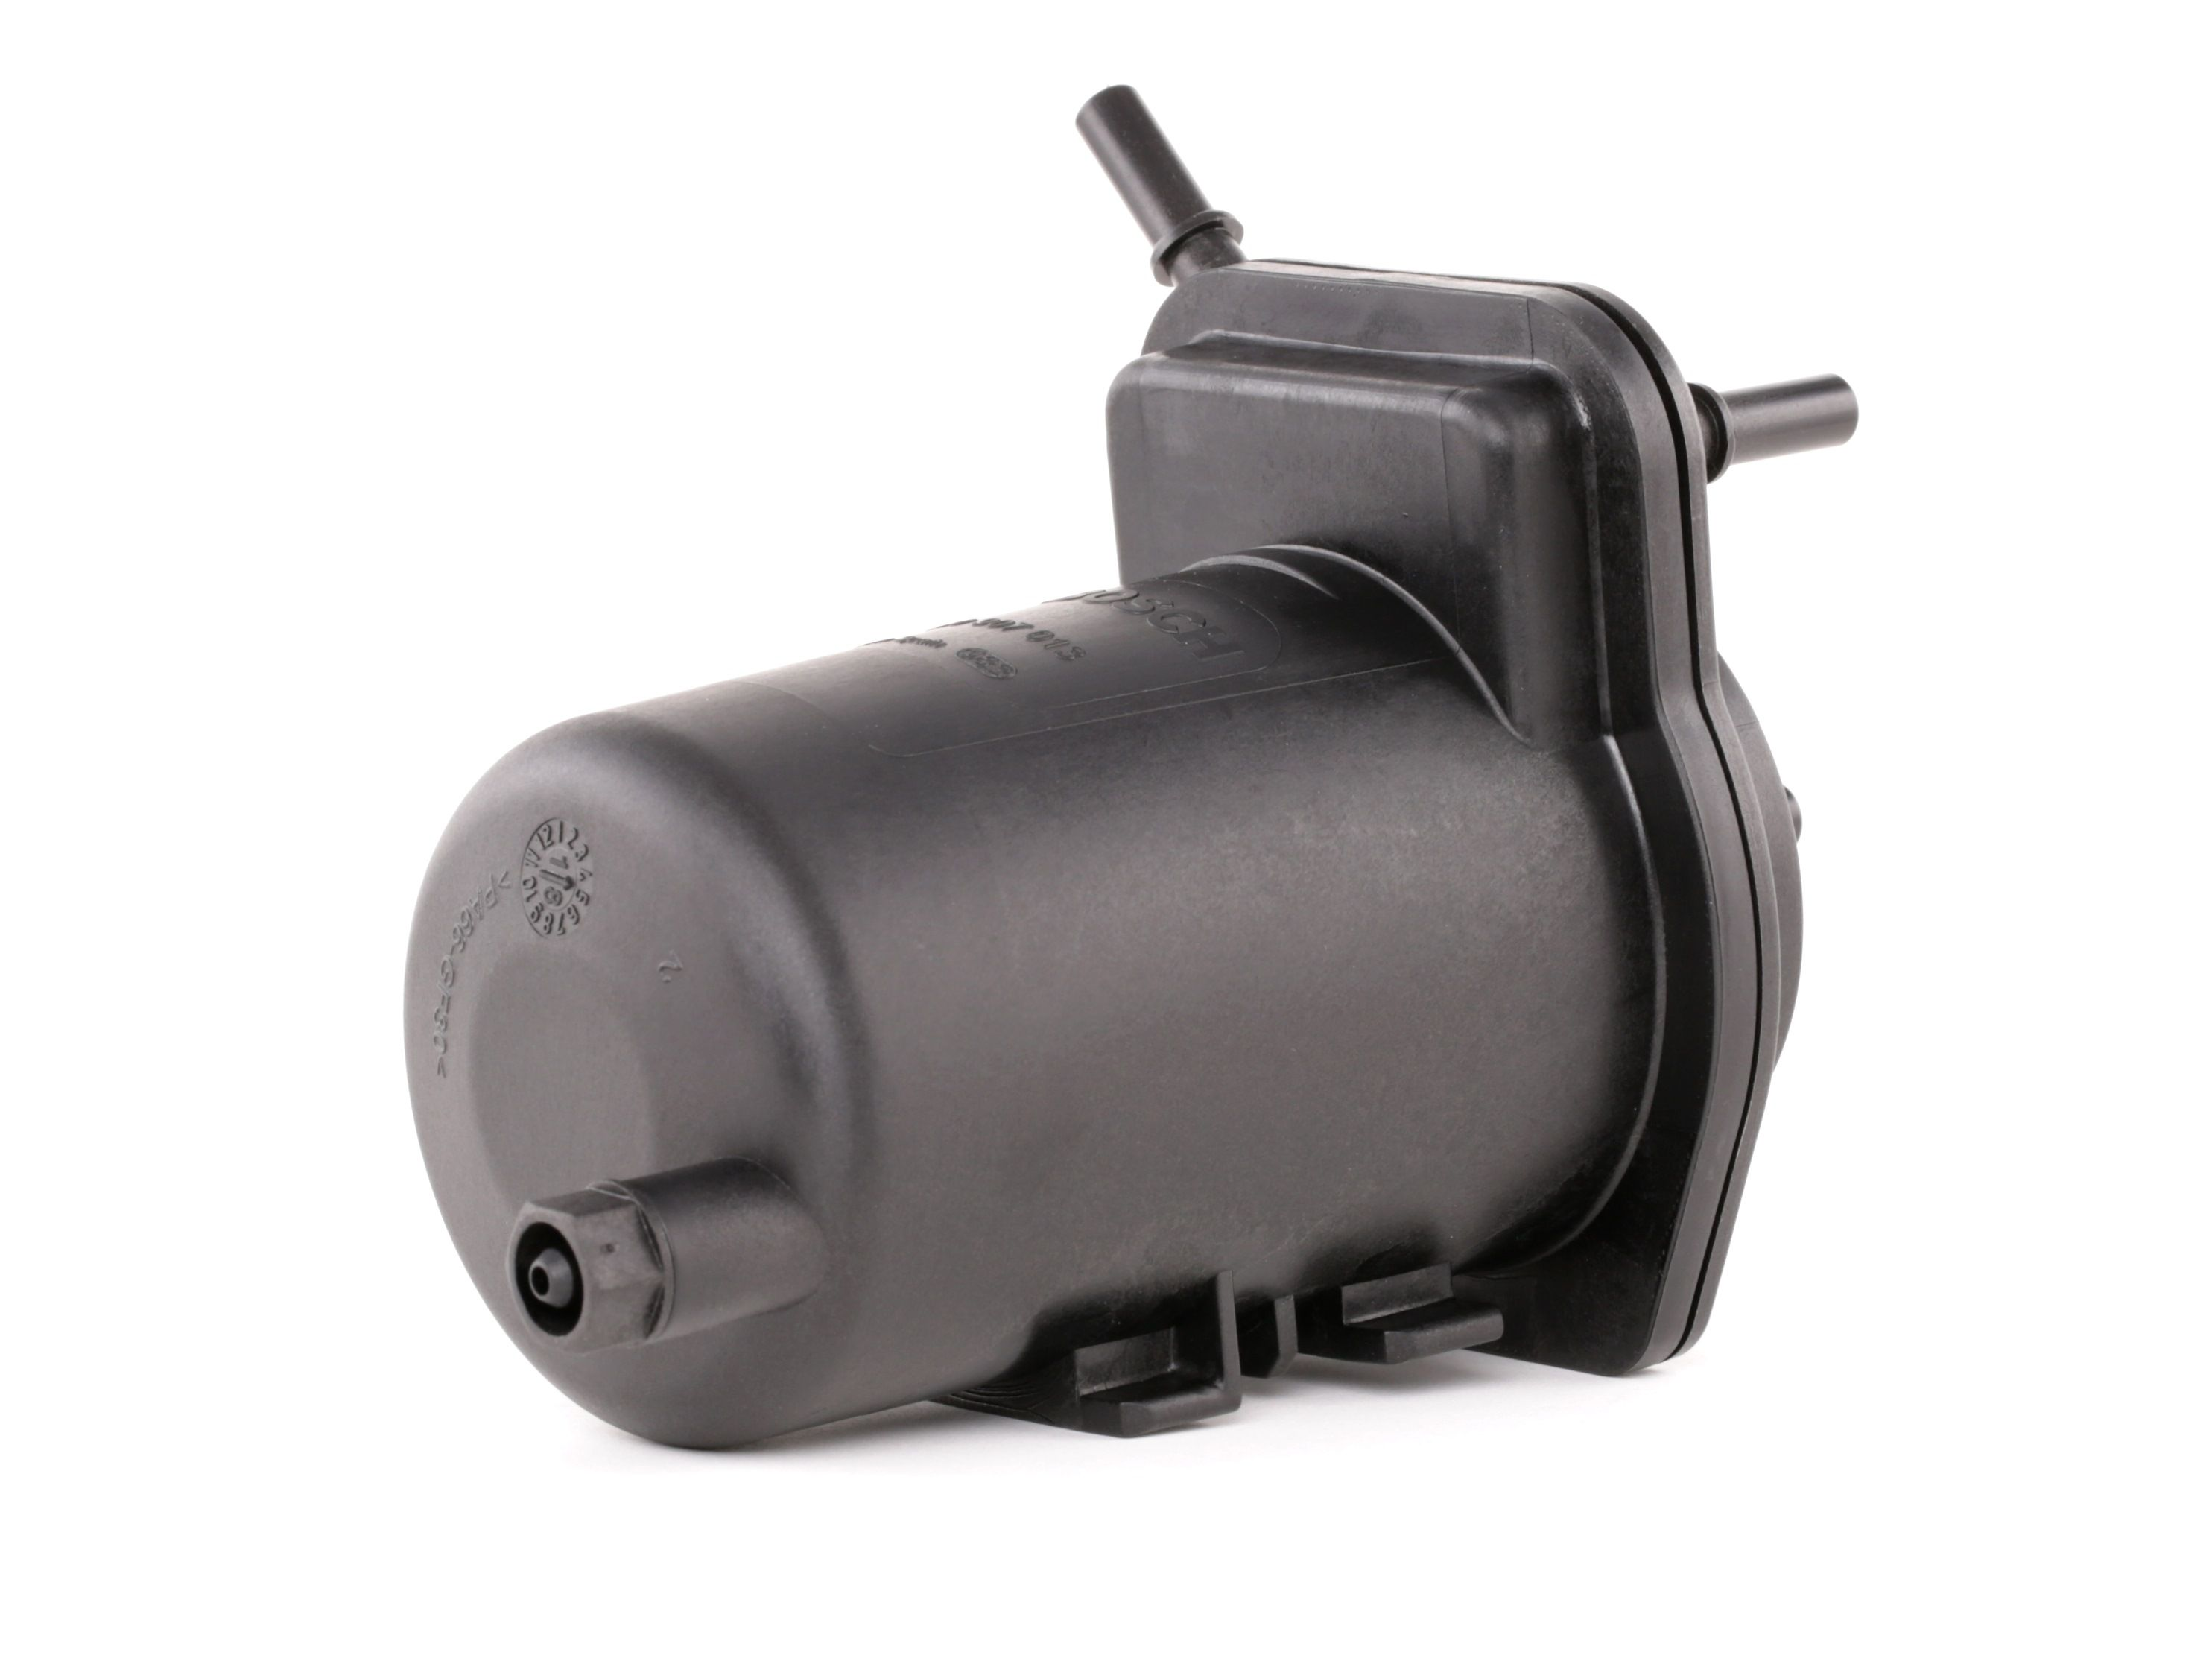 NISSAN ALMERA 2014 Kraftstoffsystem - Original BOSCH 0 450 907 013 Höhe: 185mm